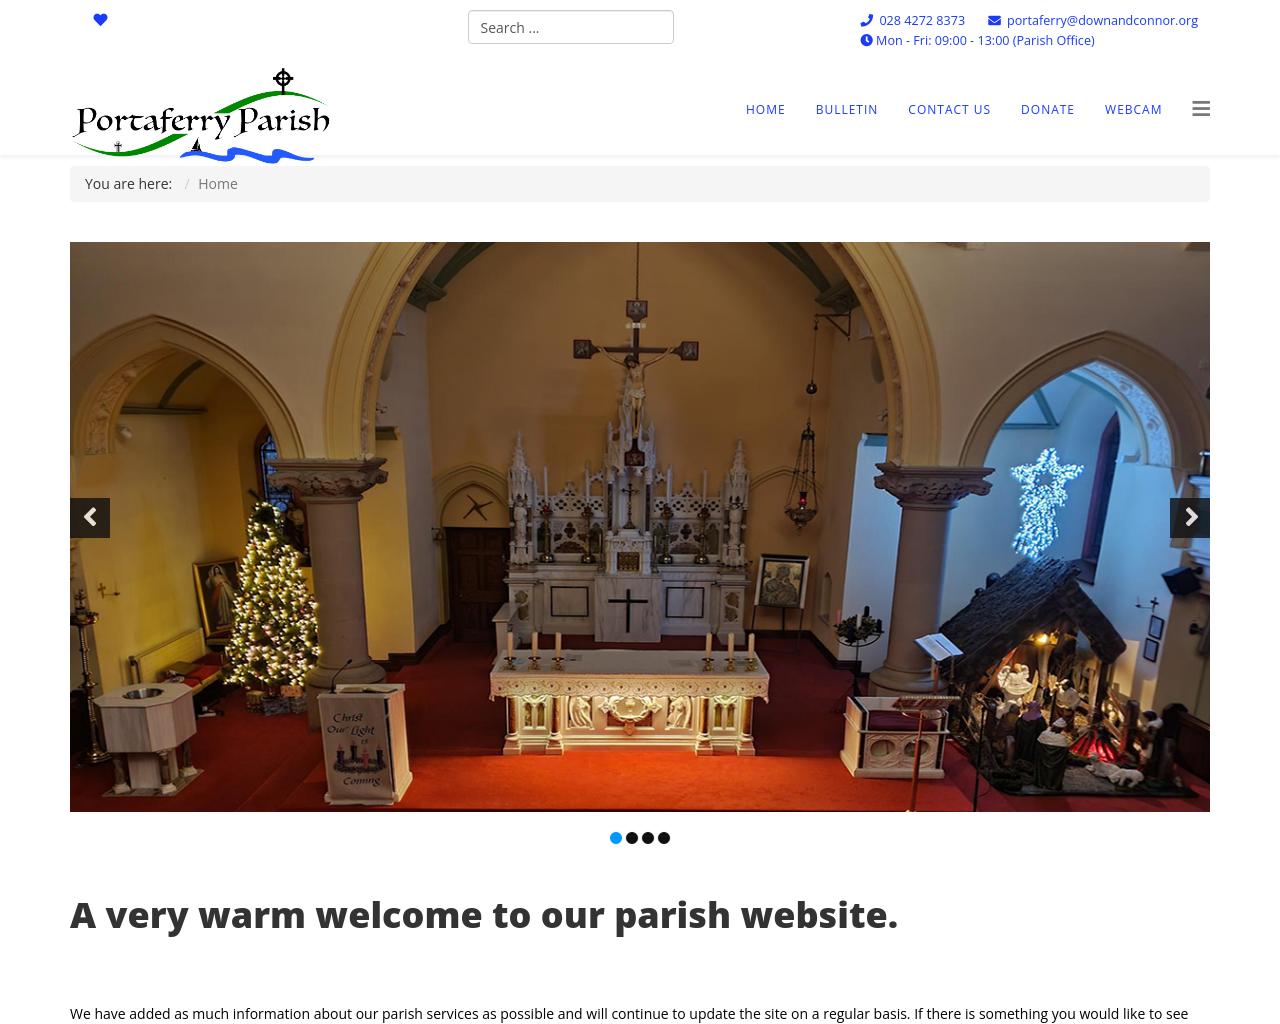 Portaferry Parish